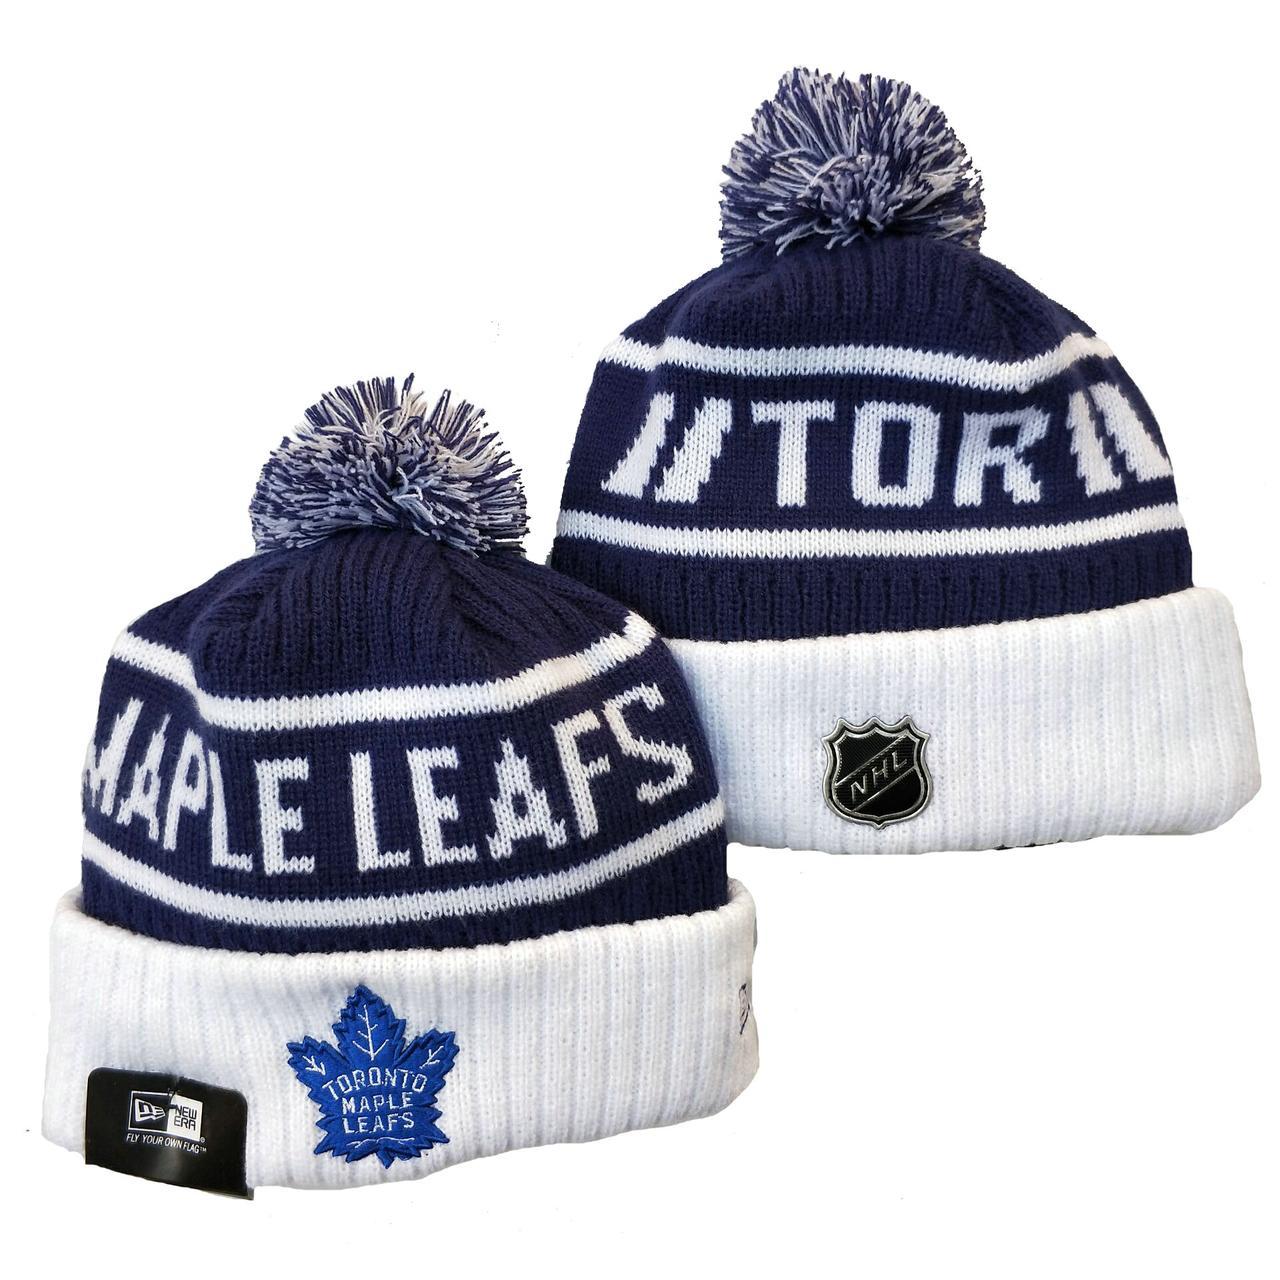 Шапка зимняя Toronto Maple Leafs / SPK-187 (Реплика)